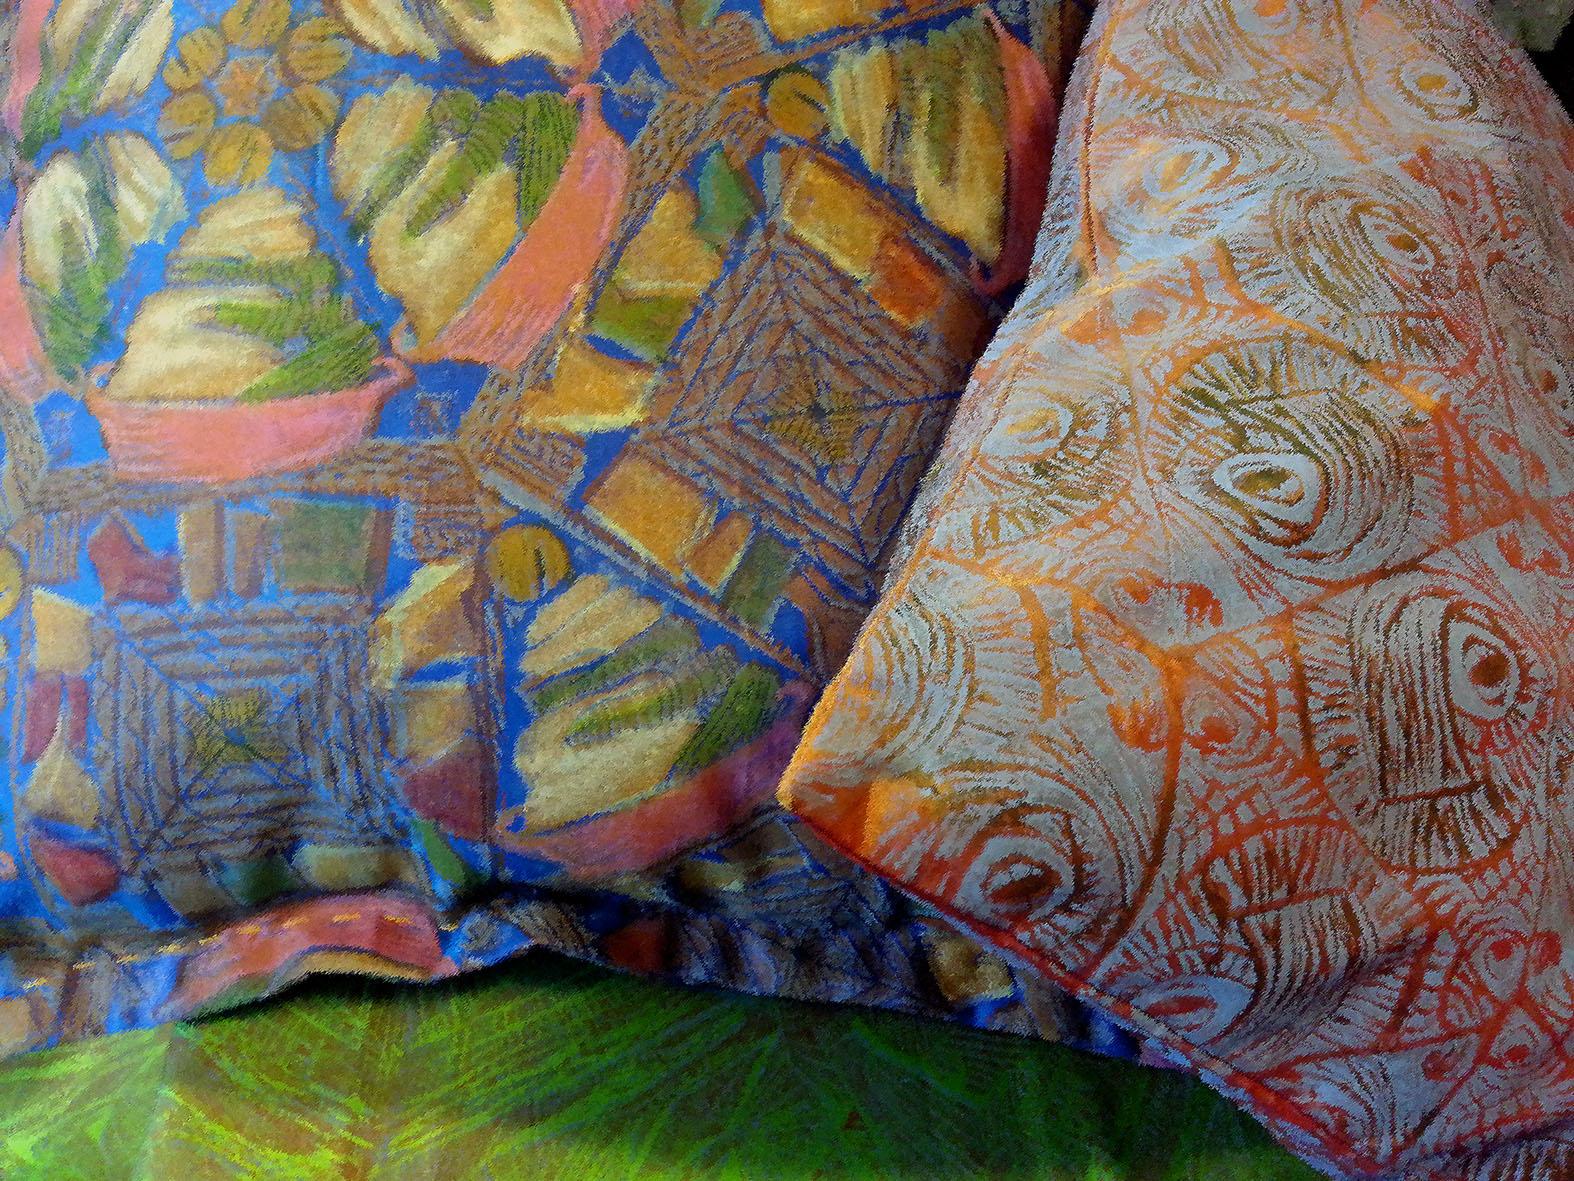 Cushions detail